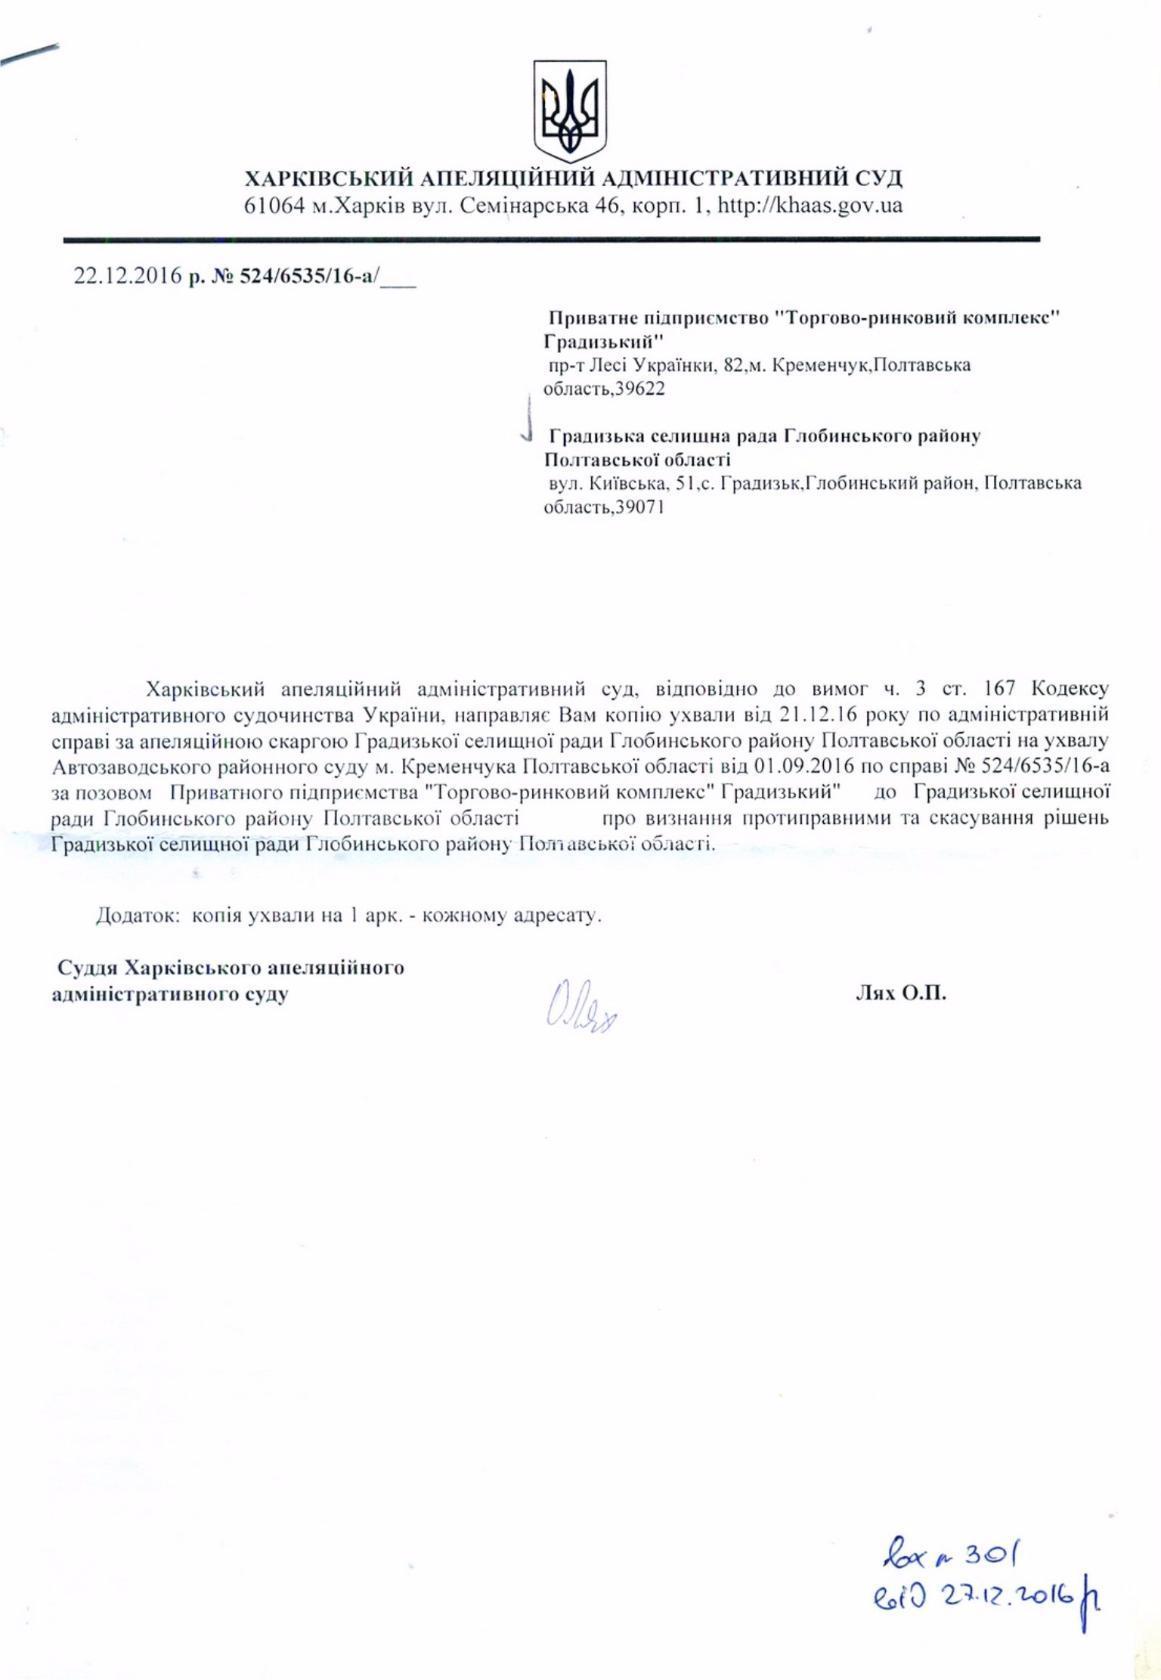 https://gradizka-rada.gov.ua/wp-content/uploads/2016/12/image-2.jpg